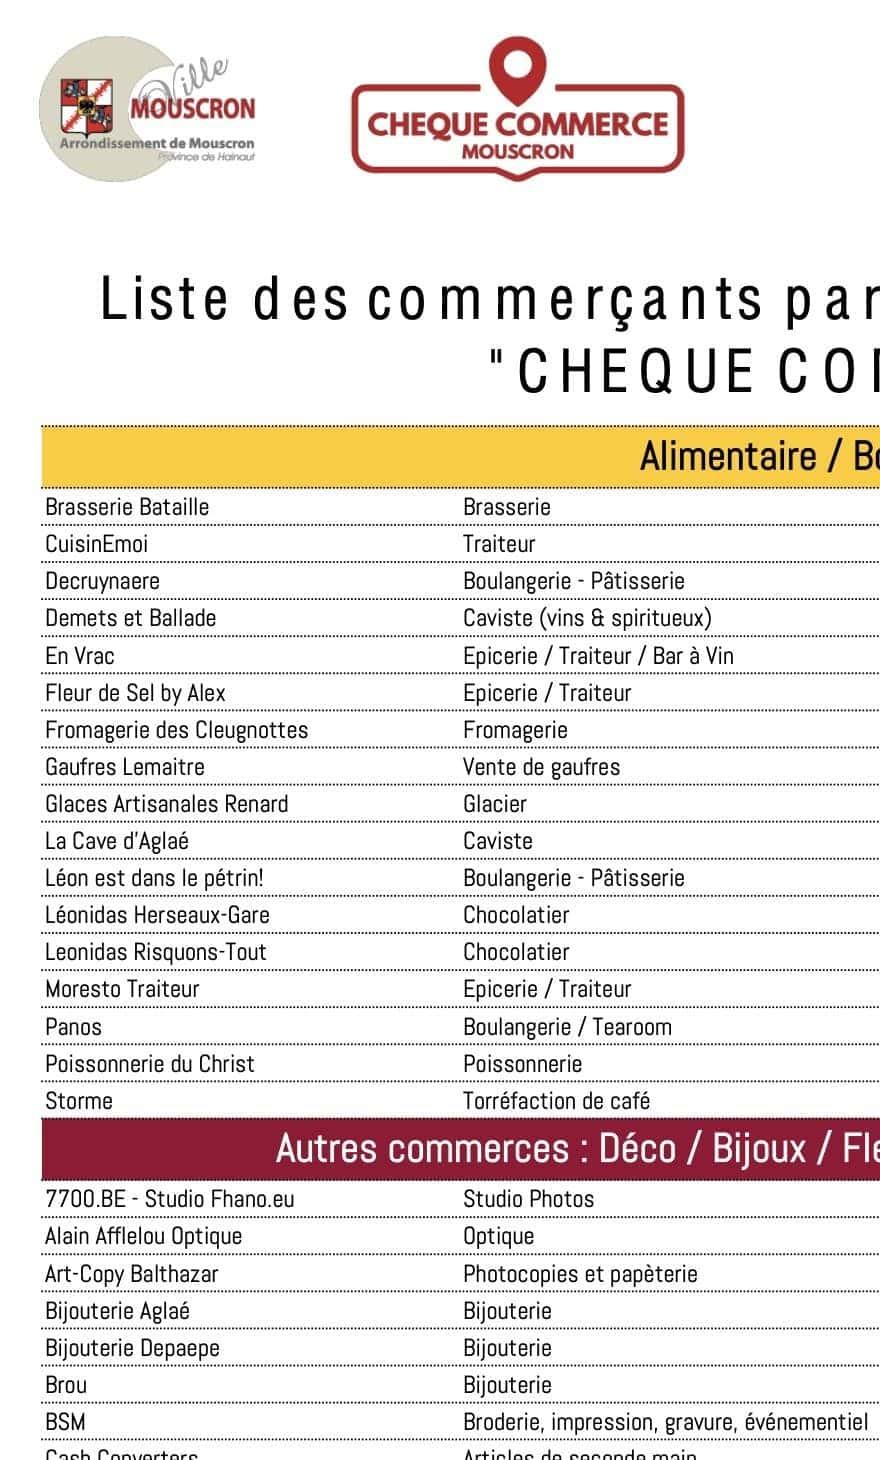 Liste des commerces acceptant le chèque de 15 euros reçus de la ville de Mouscron